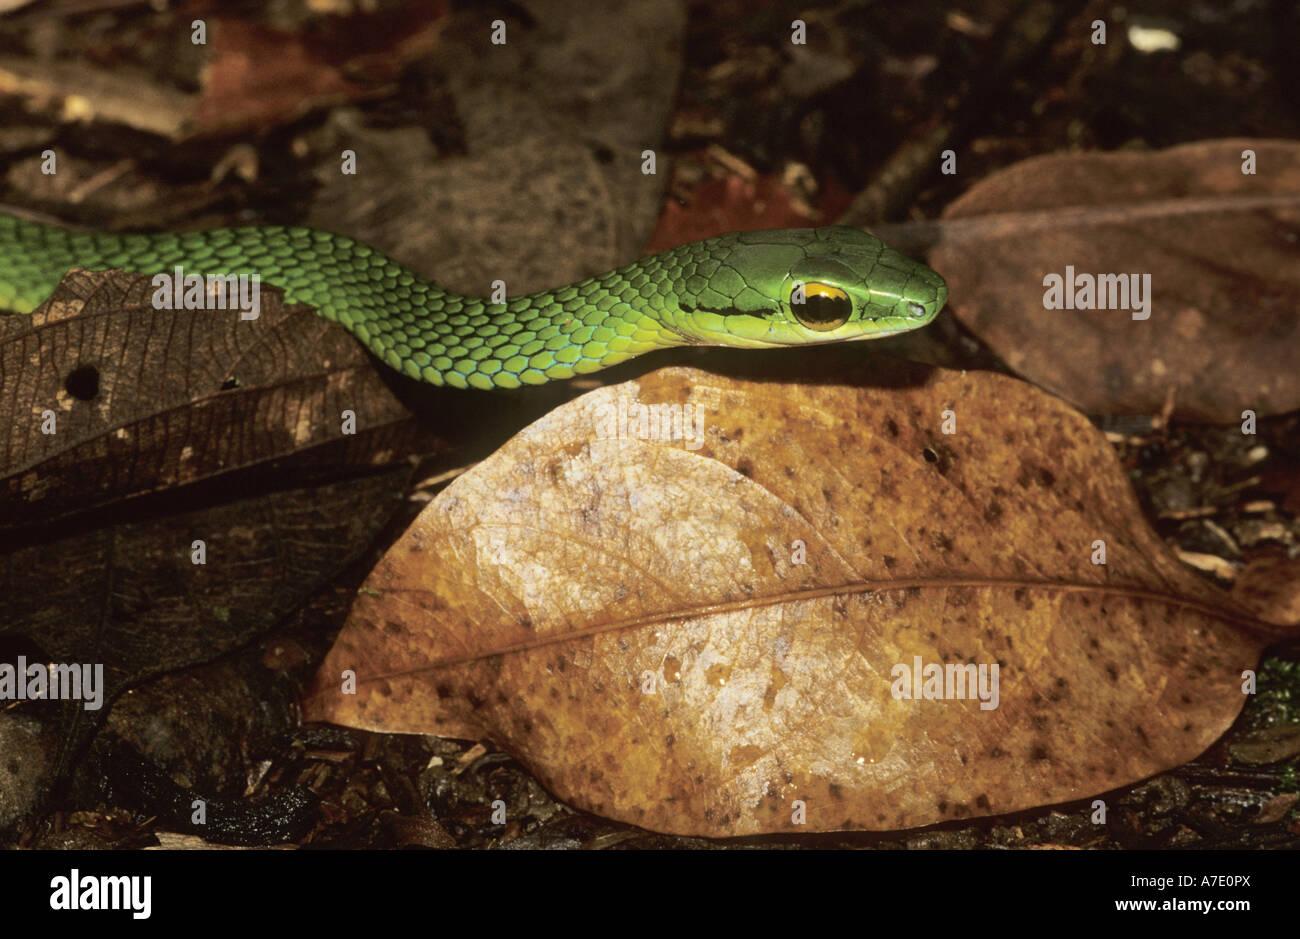 La Vine Snake, Serpent de vigne Copes (Oxybelis brevirostris), portrait Banque D'Images